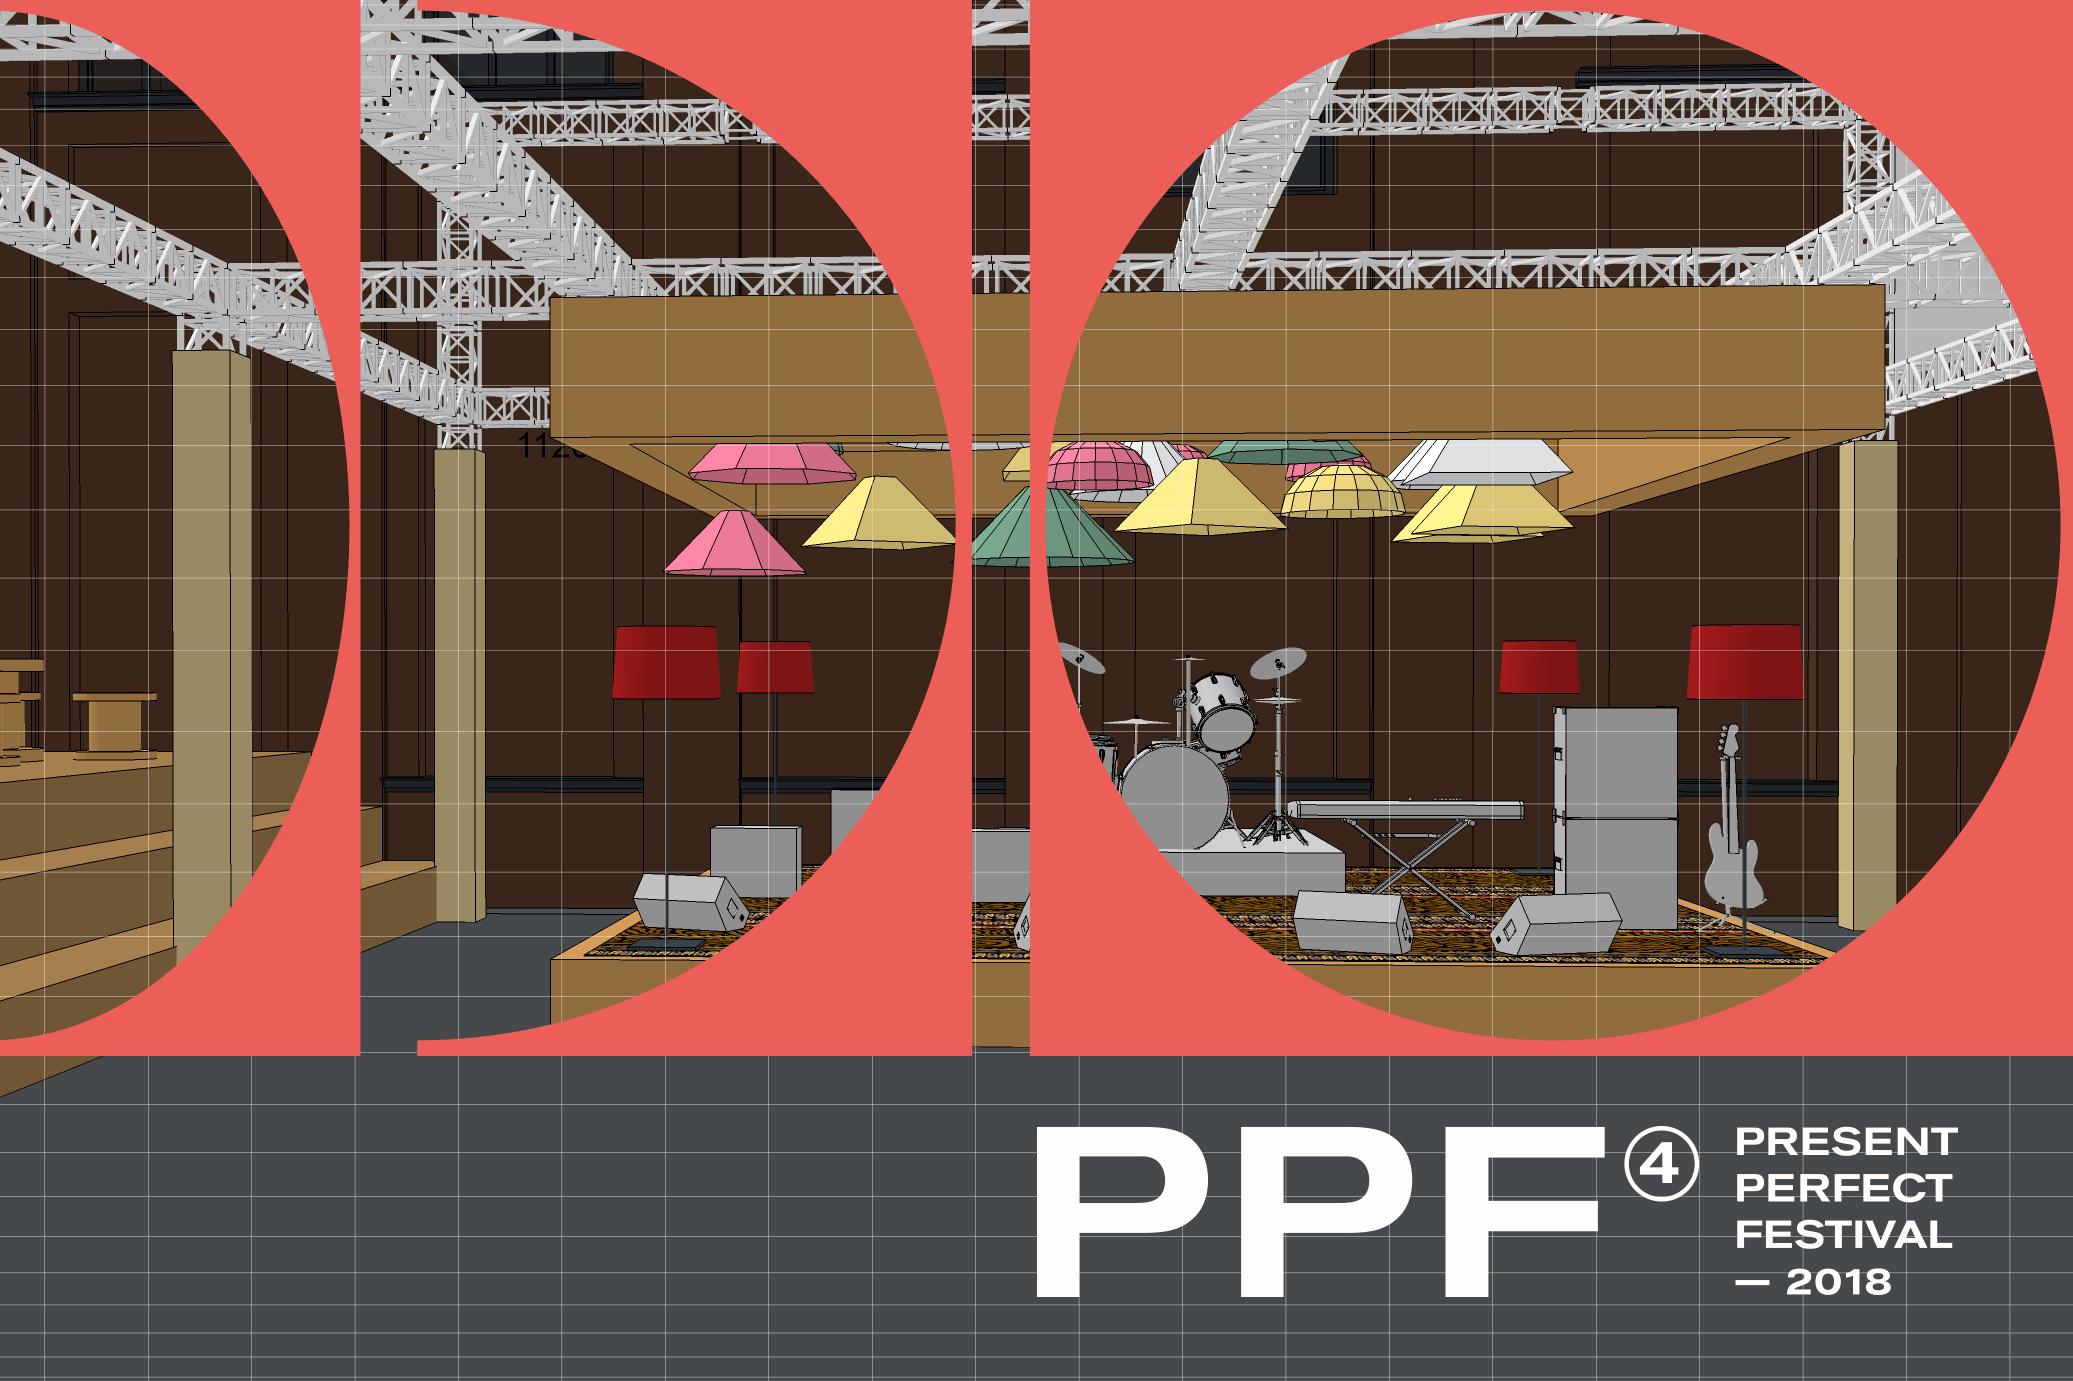 """perfect festival Питер, прием! 27-29 июля в Порту """"Севкабель"""" прогремит Present Perfect Festival YARD STAGE"""